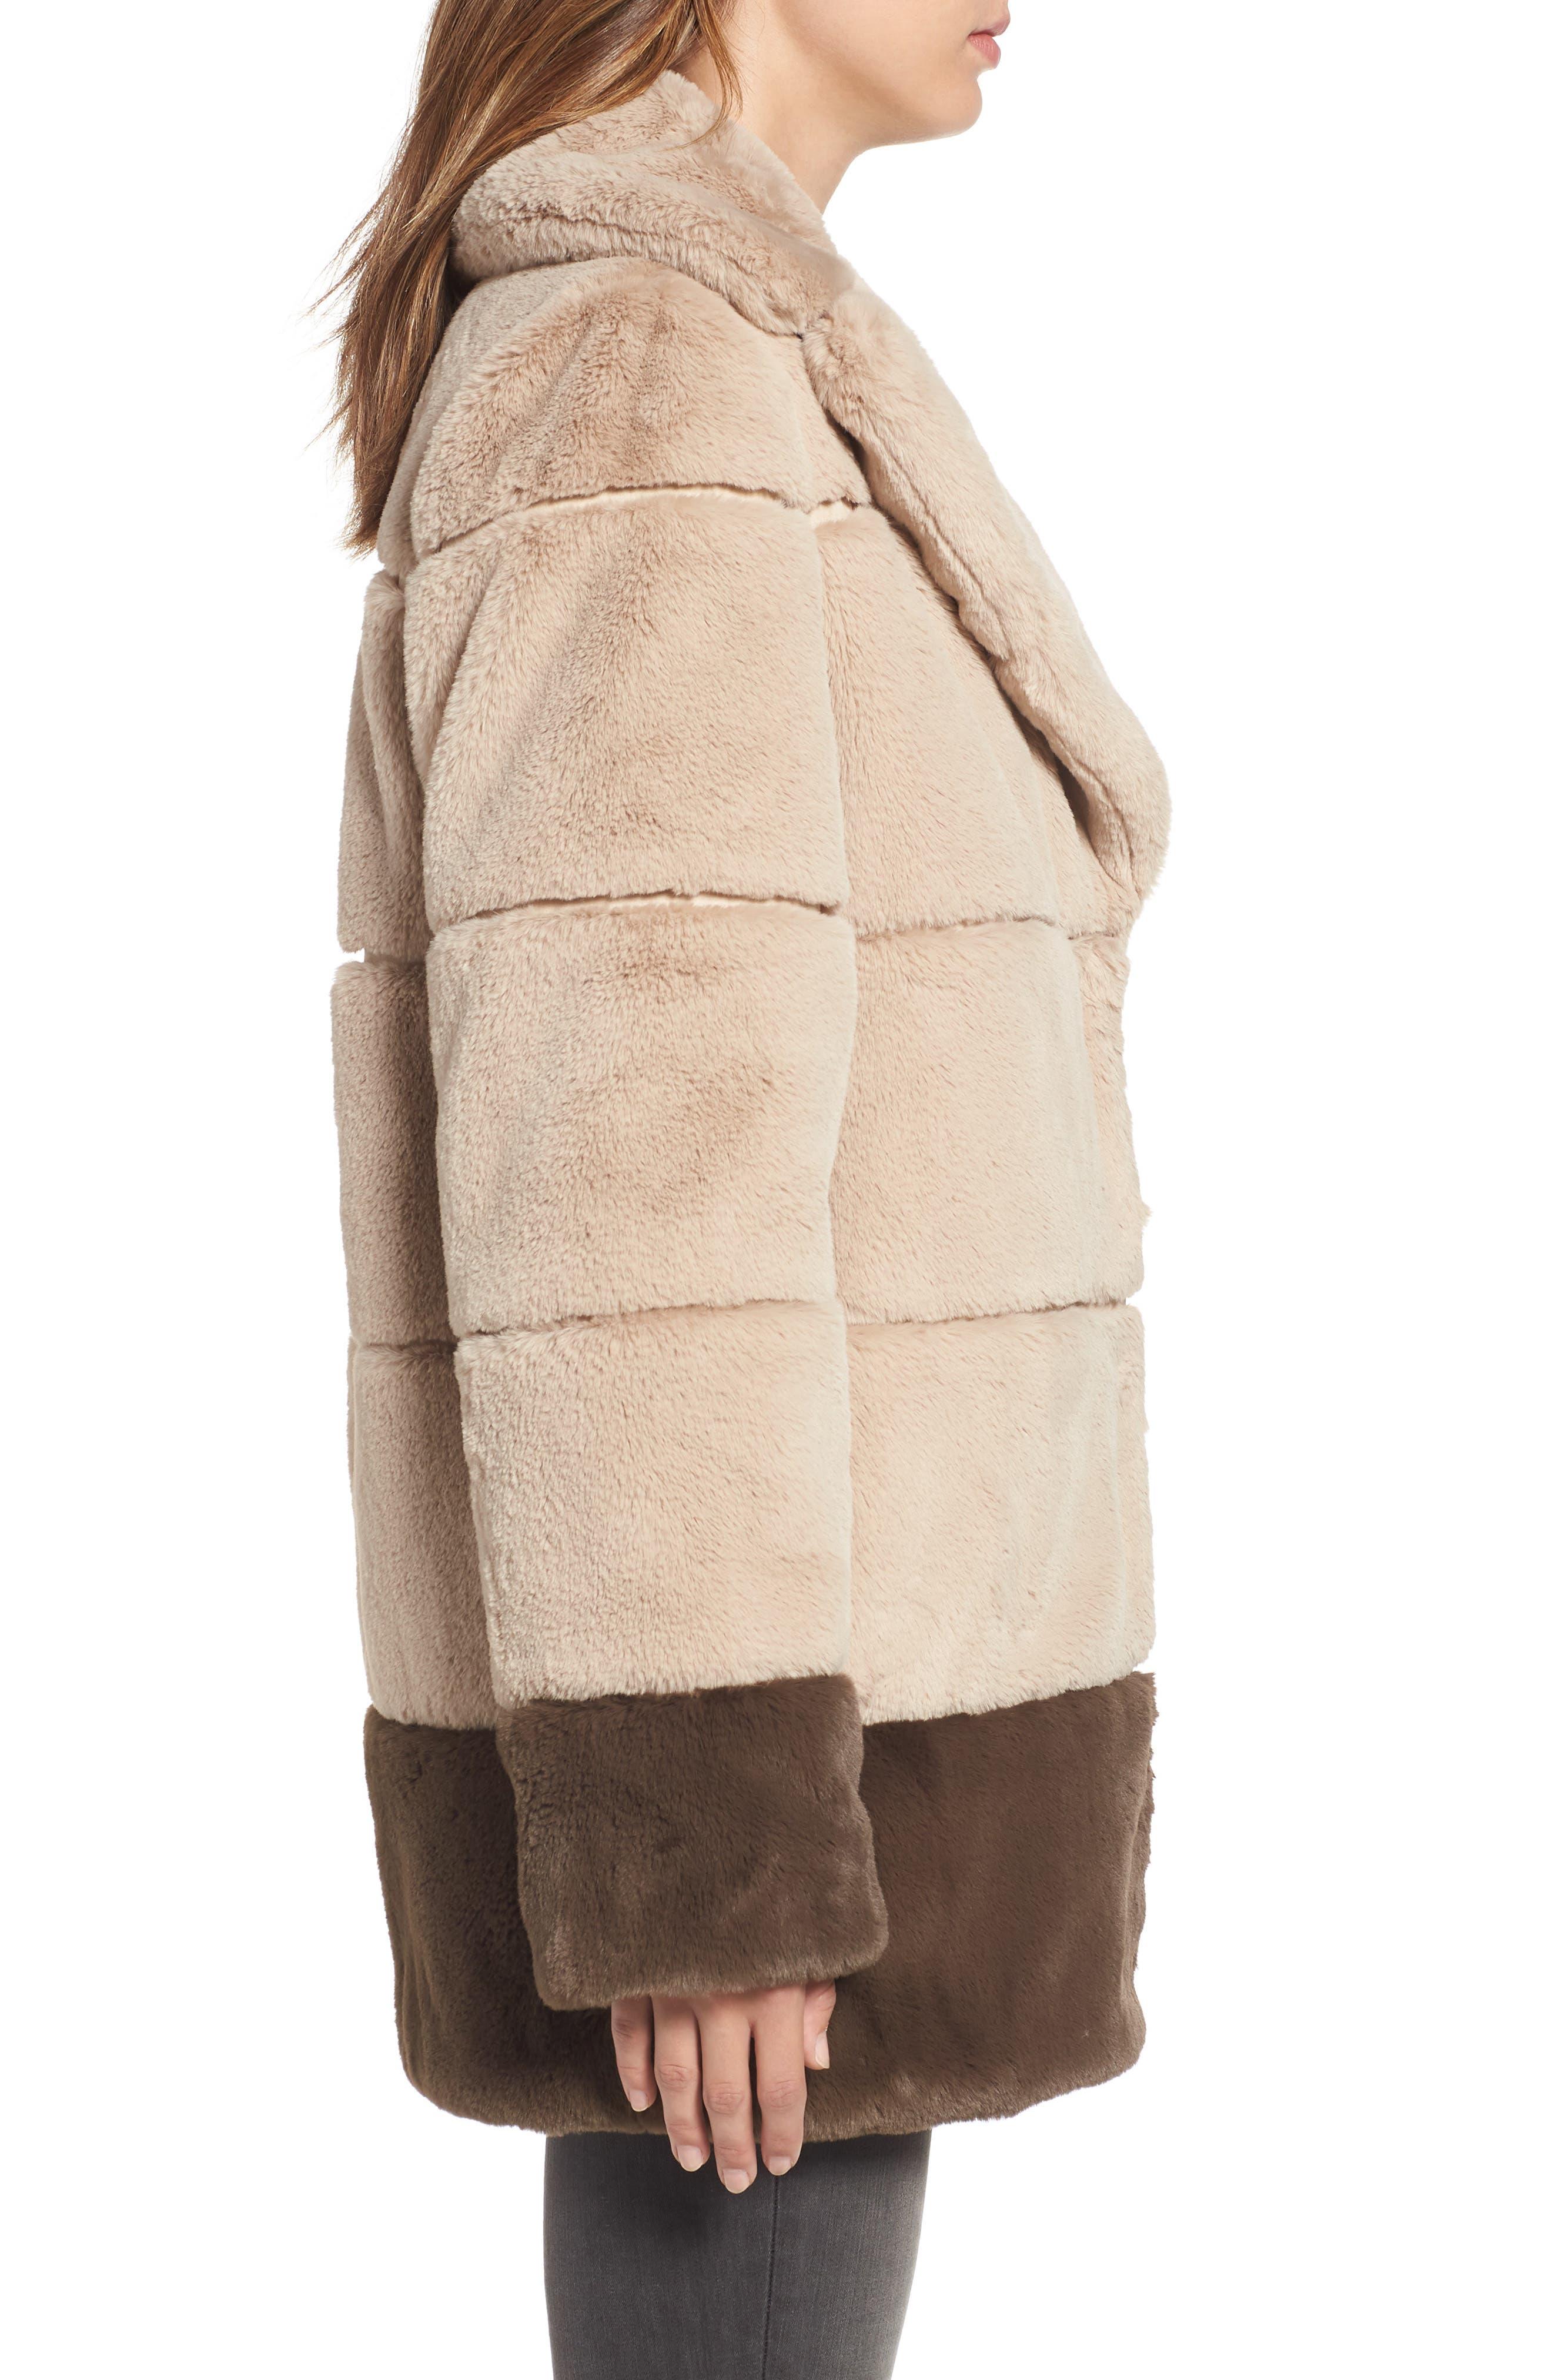 Colorblock Panel Faux Fur Jacket,                             Alternate thumbnail 3, color,                             BEIGE/ BROWN